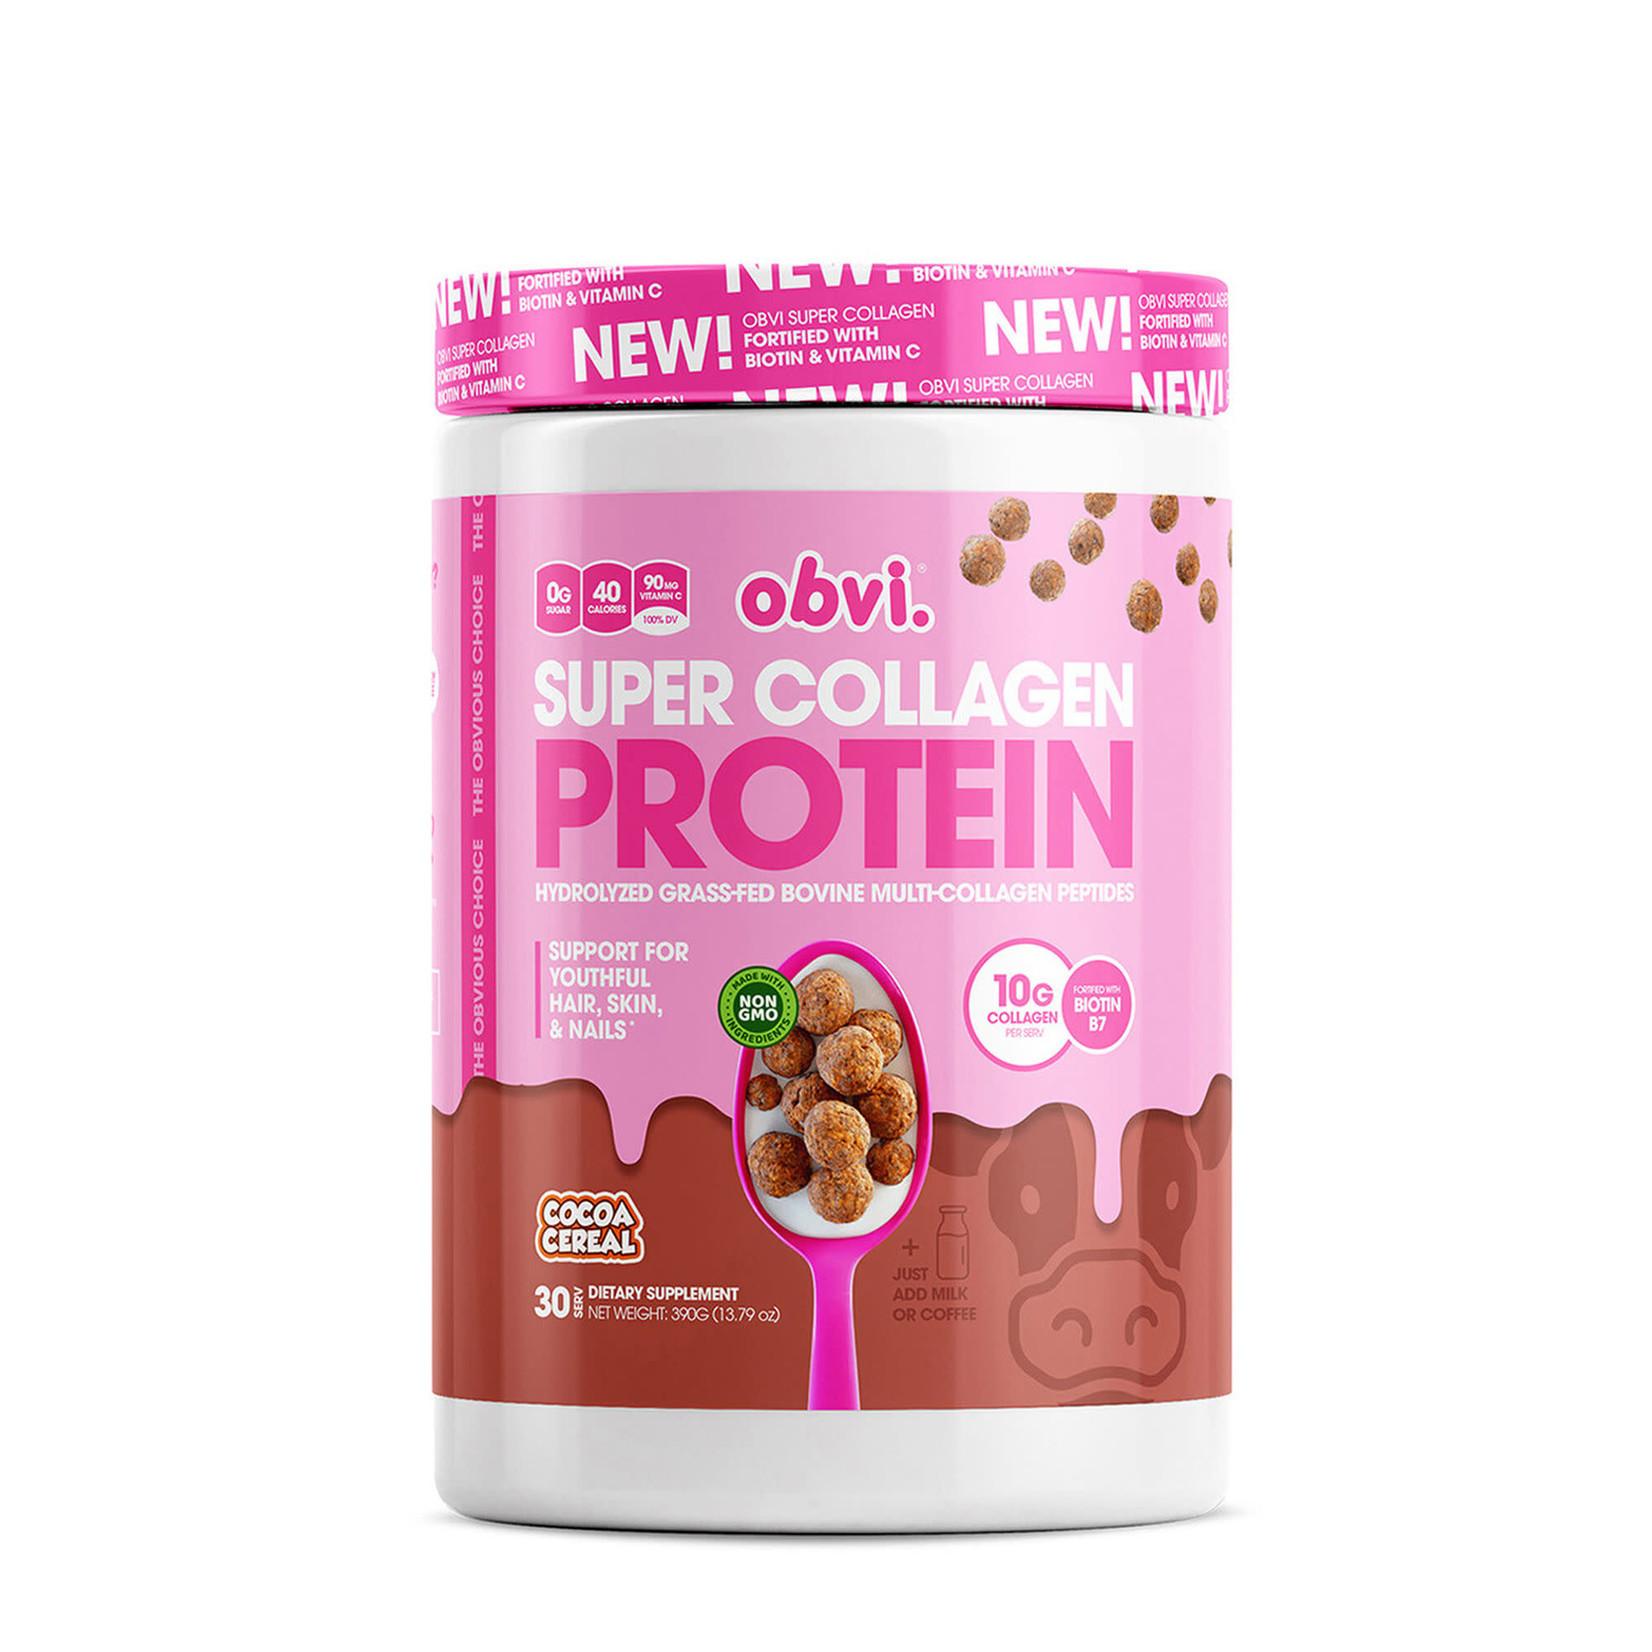 Obvi Obvi Super Collagen Protein 30 Servings